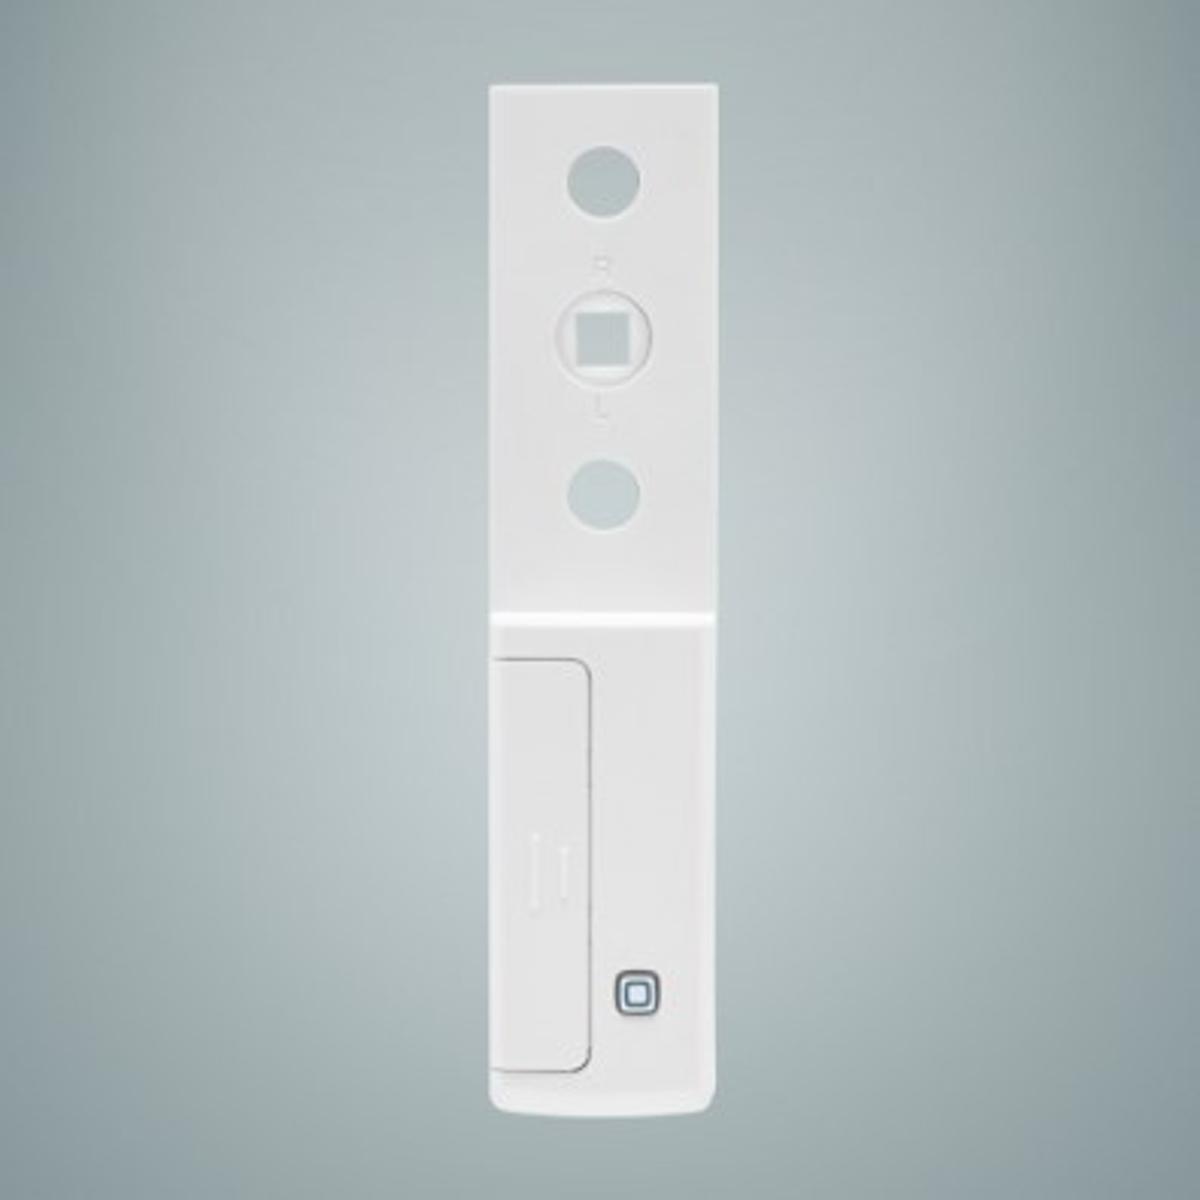 eq 3 ag homematic ip fenstergriffsensor erkennt und. Black Bedroom Furniture Sets. Home Design Ideas